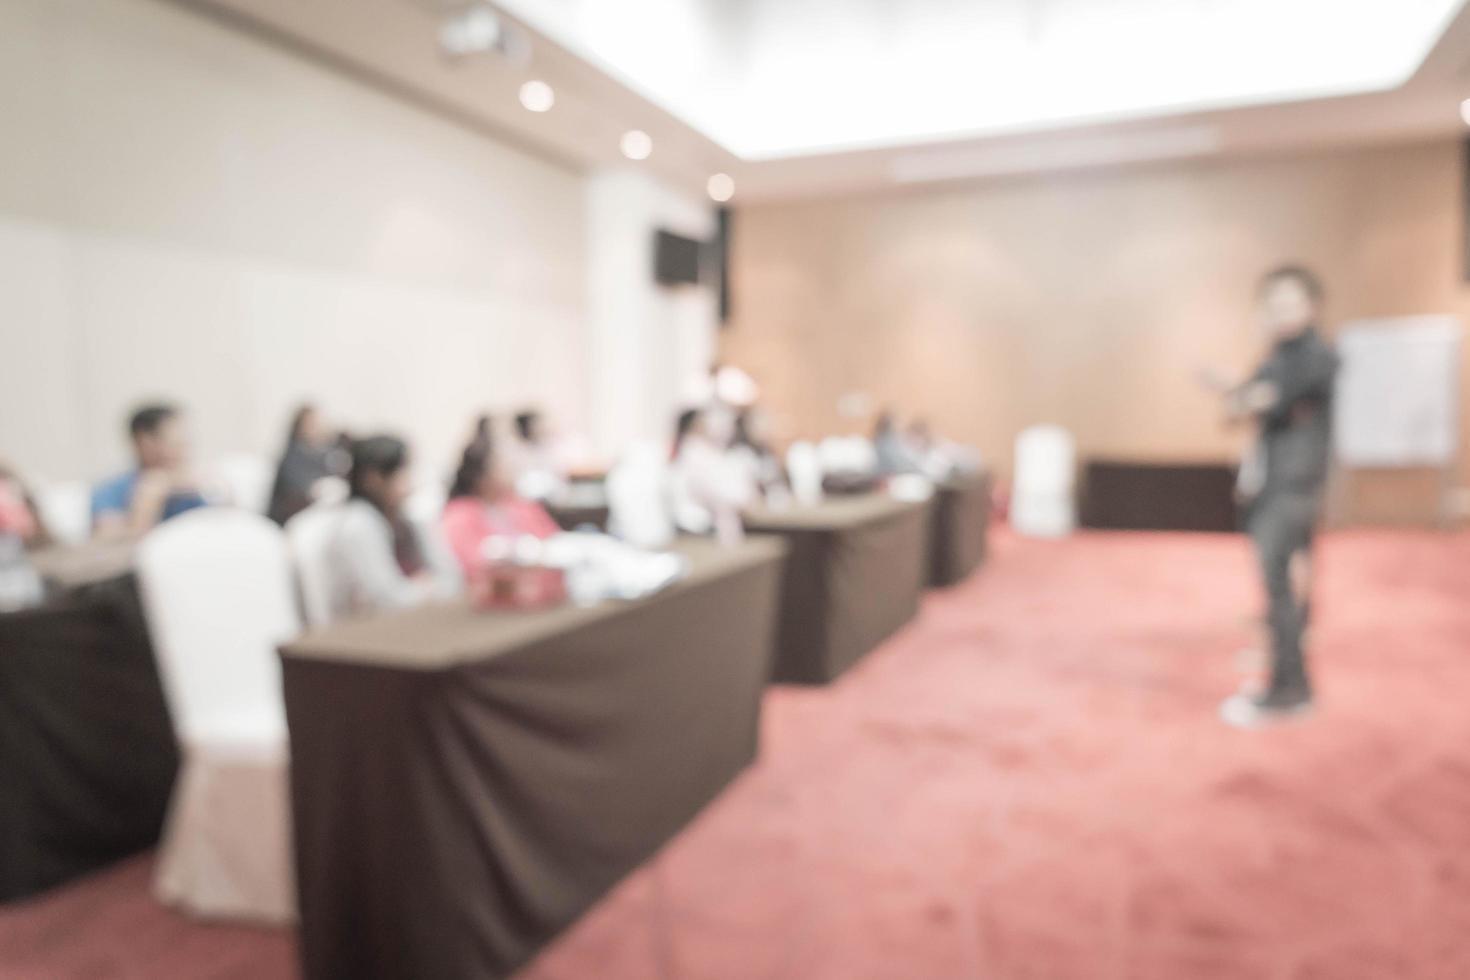 sfocatura astratta le persone studiano o tengono conferenze o si incontrano o fanno workshop in classe - filtro effetto vintage foto